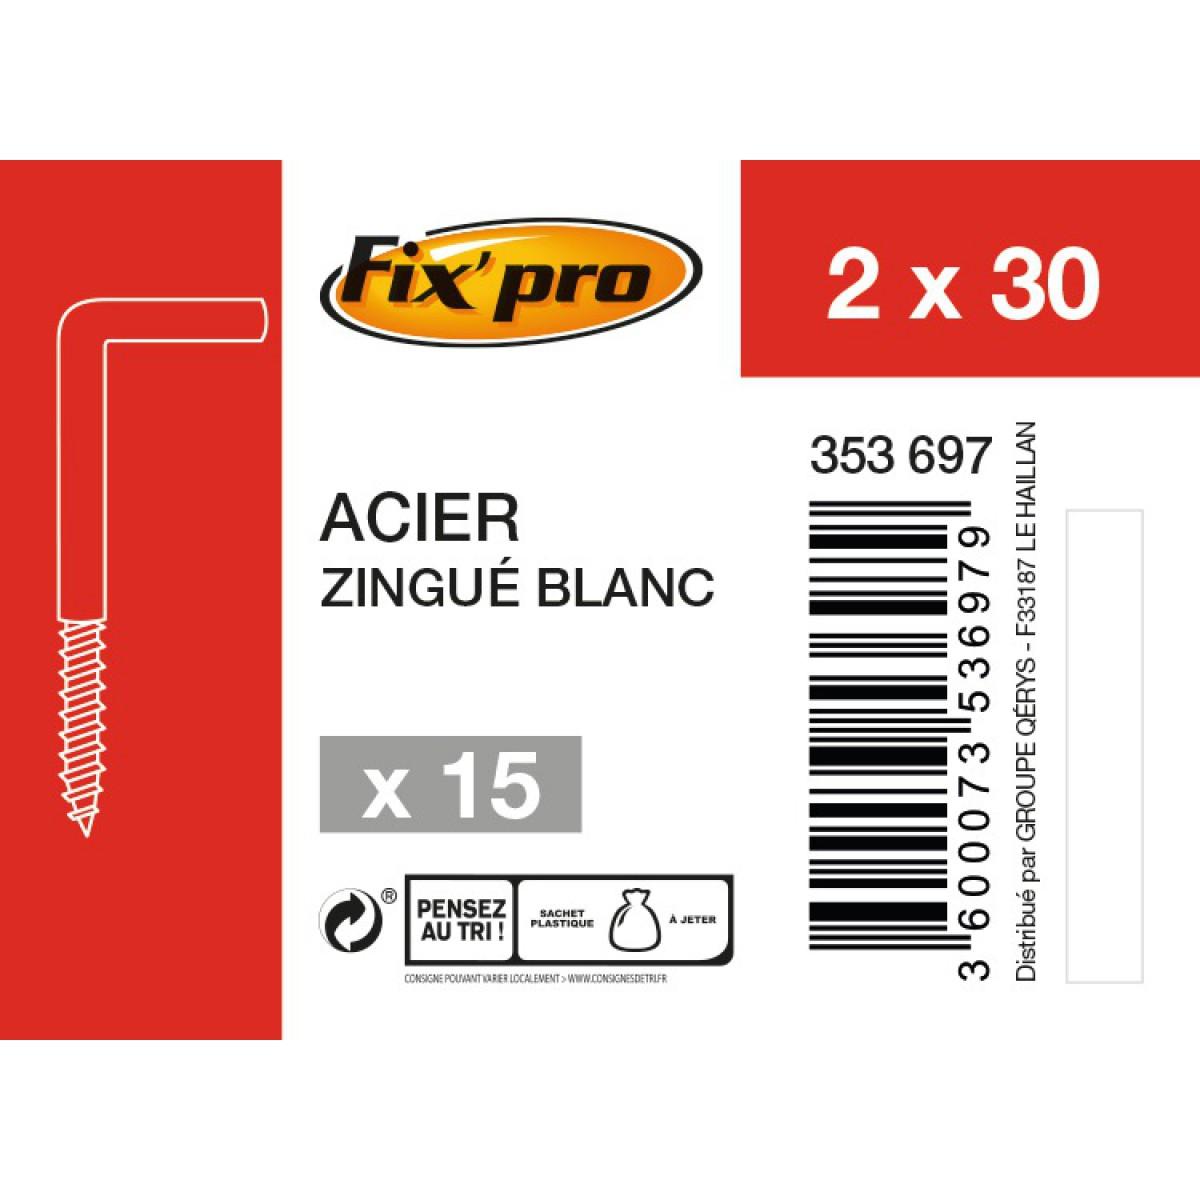 Gond à vis acier zingué - 2x30 - 15pces - Fixpro